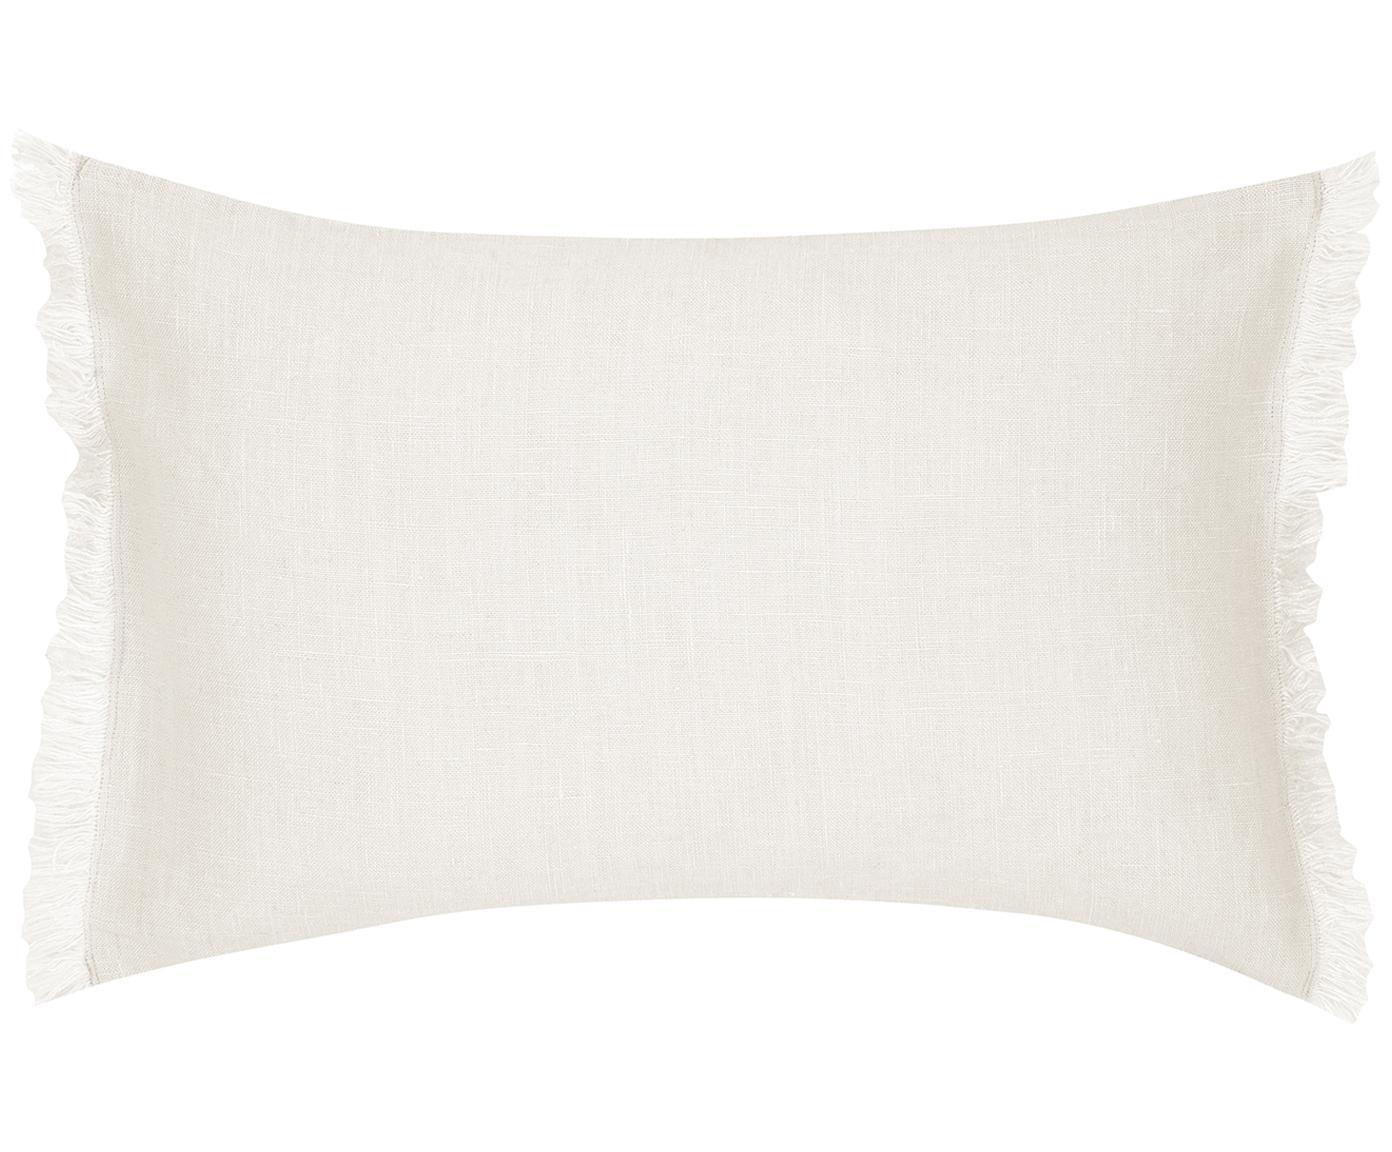 Leinen-Kissenhülle Luana mit Fransen, 100% Leinen, Beige, 30 x 50 cm